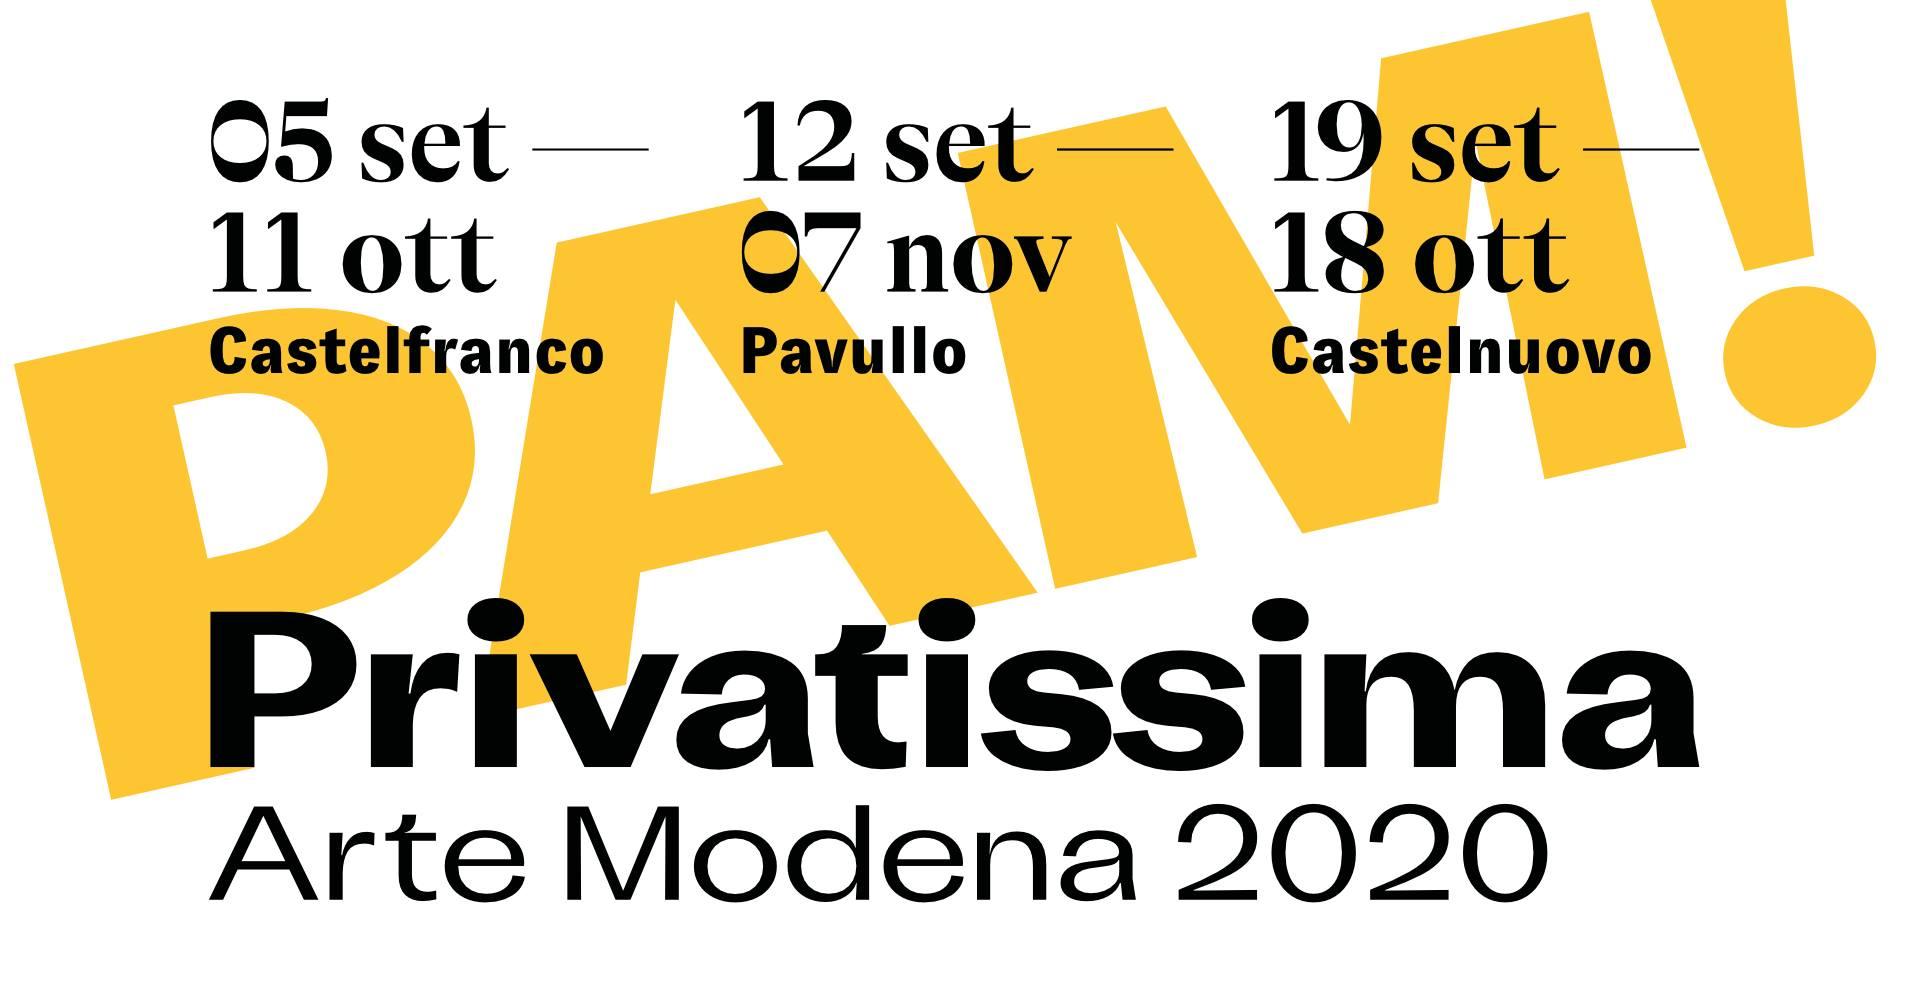 PAM! Privatissima Arte Modena MoCu Modena Cultura